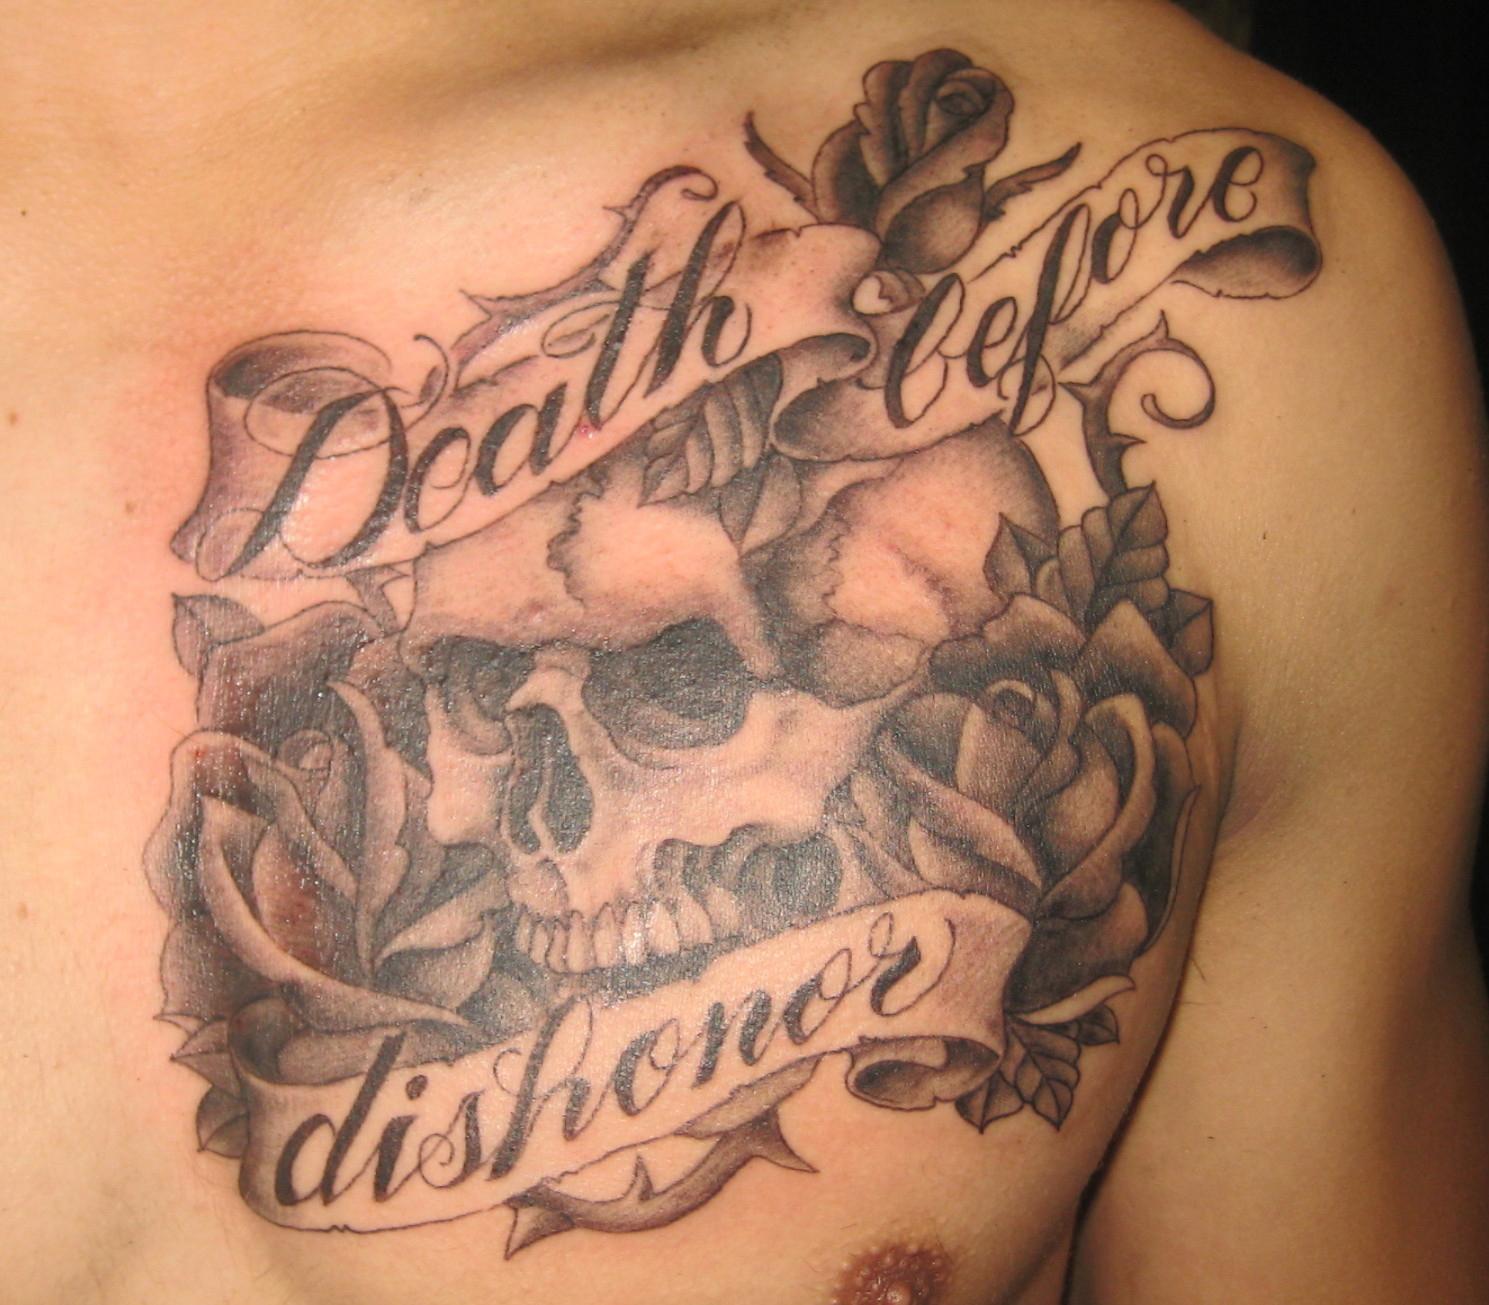 tattoo maker3d tattoos